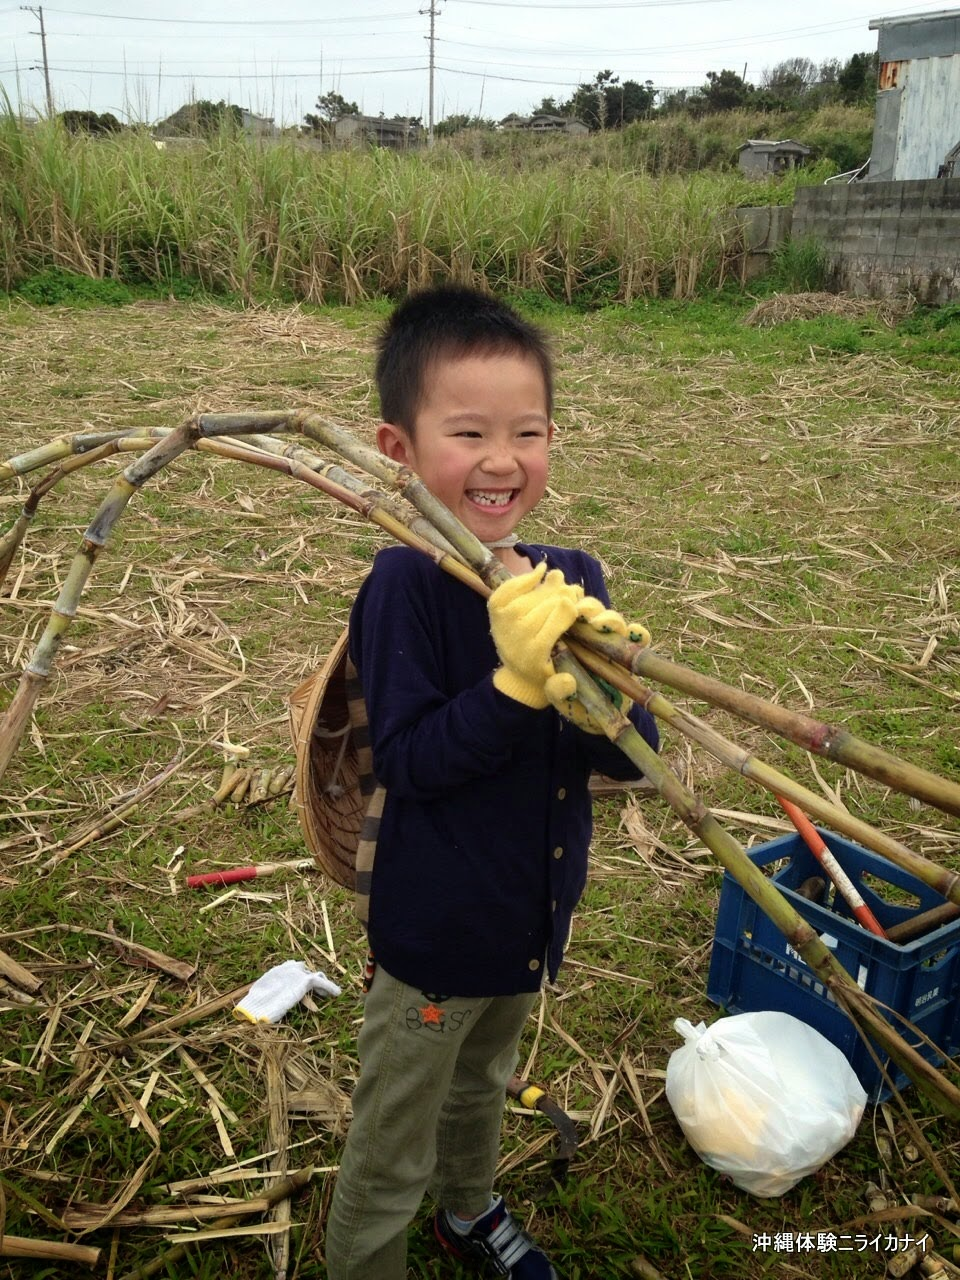 沖縄体験/観光 サトウキビ刈りとサトウキビかつぎ2